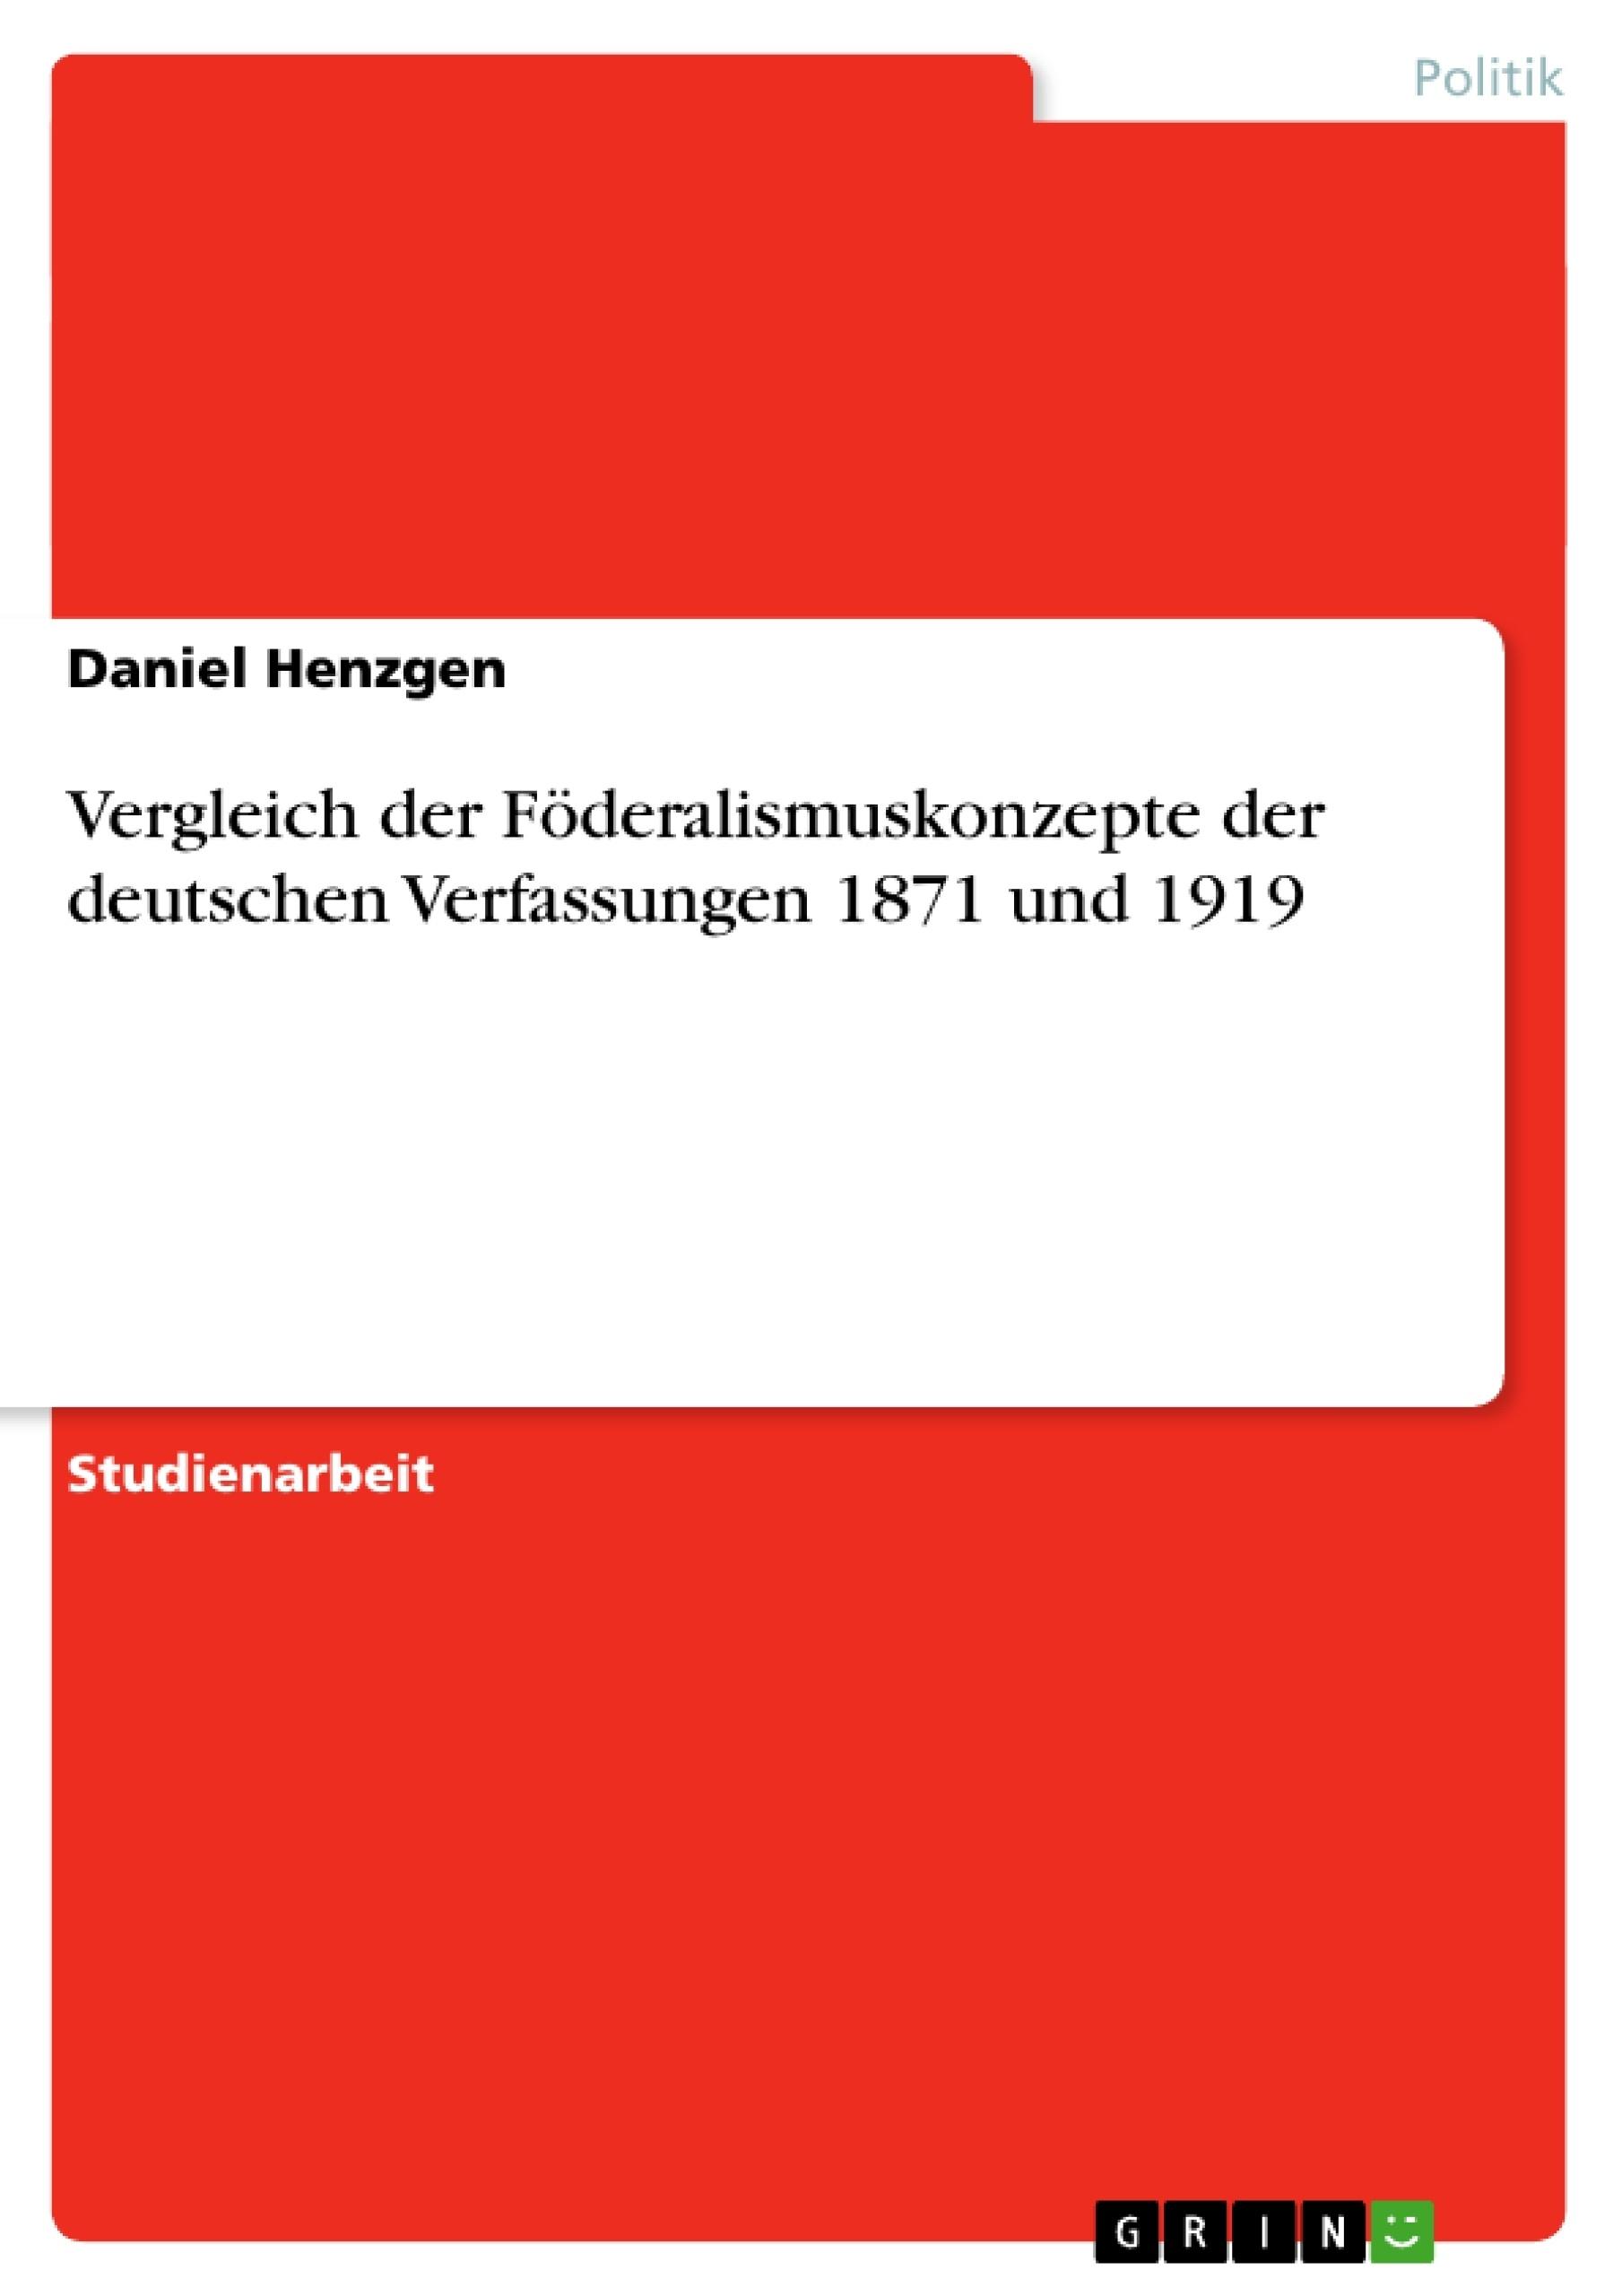 Titel: Vergleich der Föderalismuskonzepte der deutschen Verfassungen 1871 und 1919